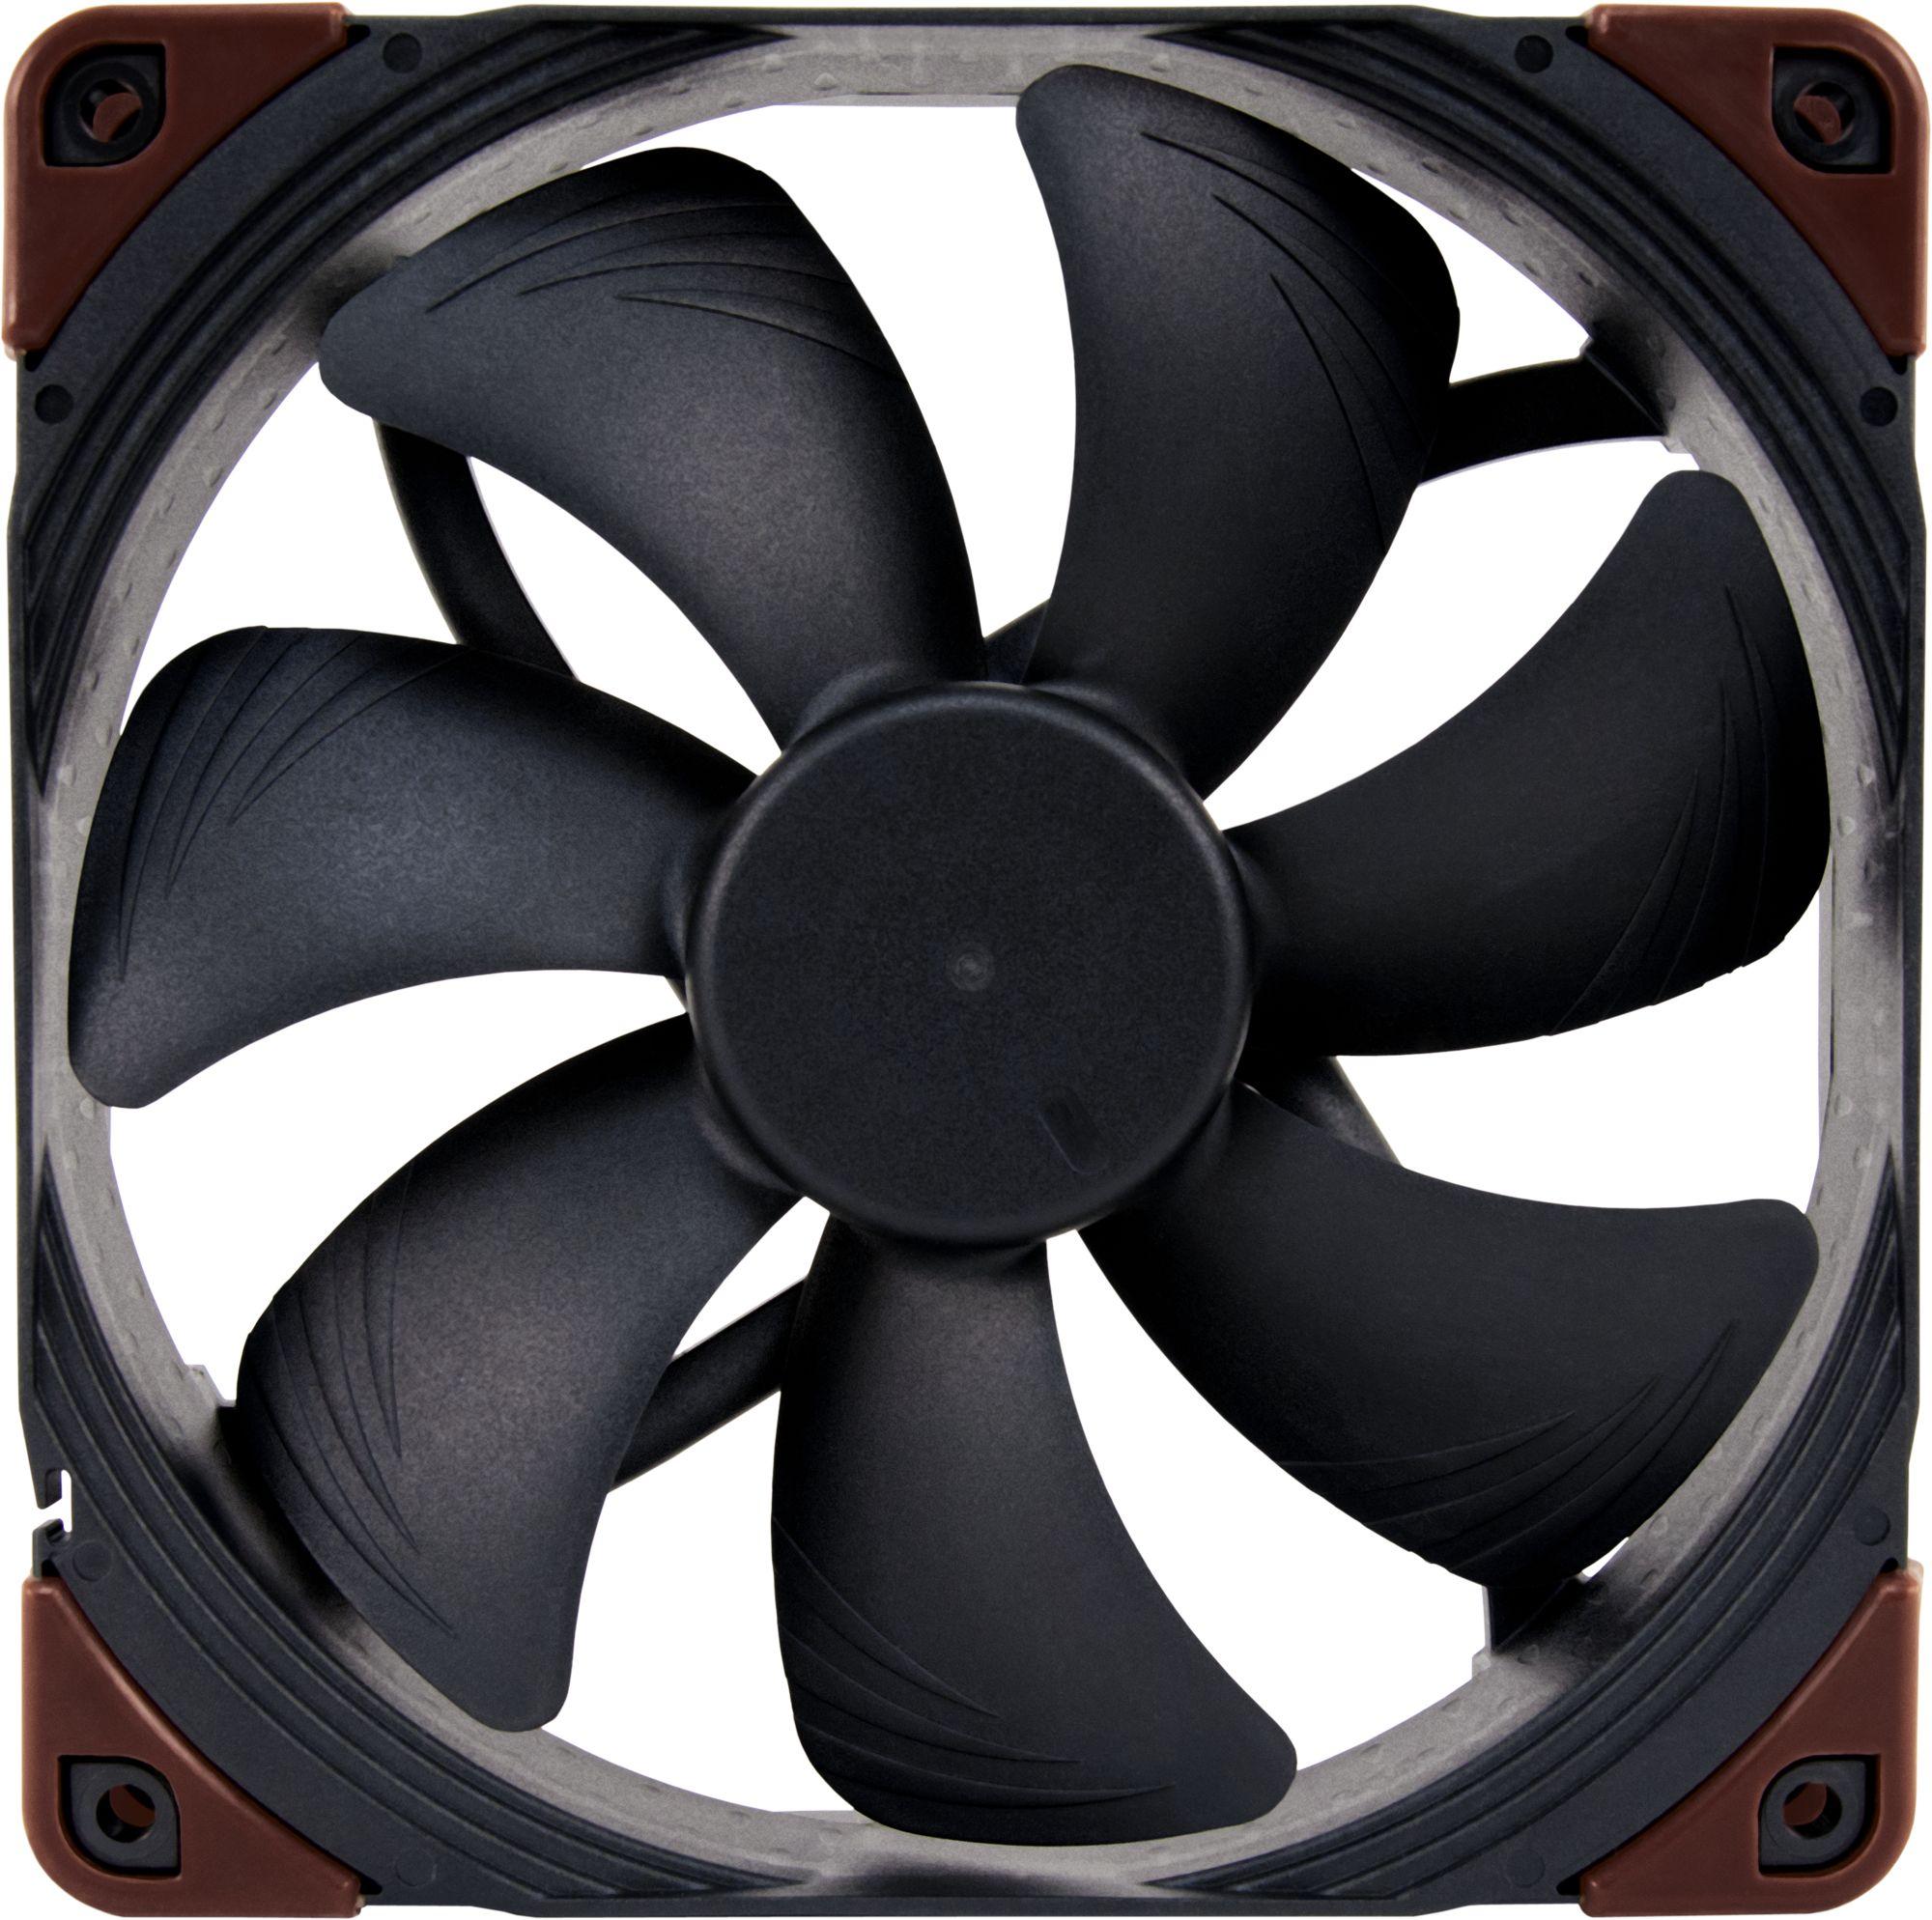 Купить Вентилятор для корпуса Noctua NF-A14iPPC-3000 Black (NF-A14iPPC-3000 PWM)